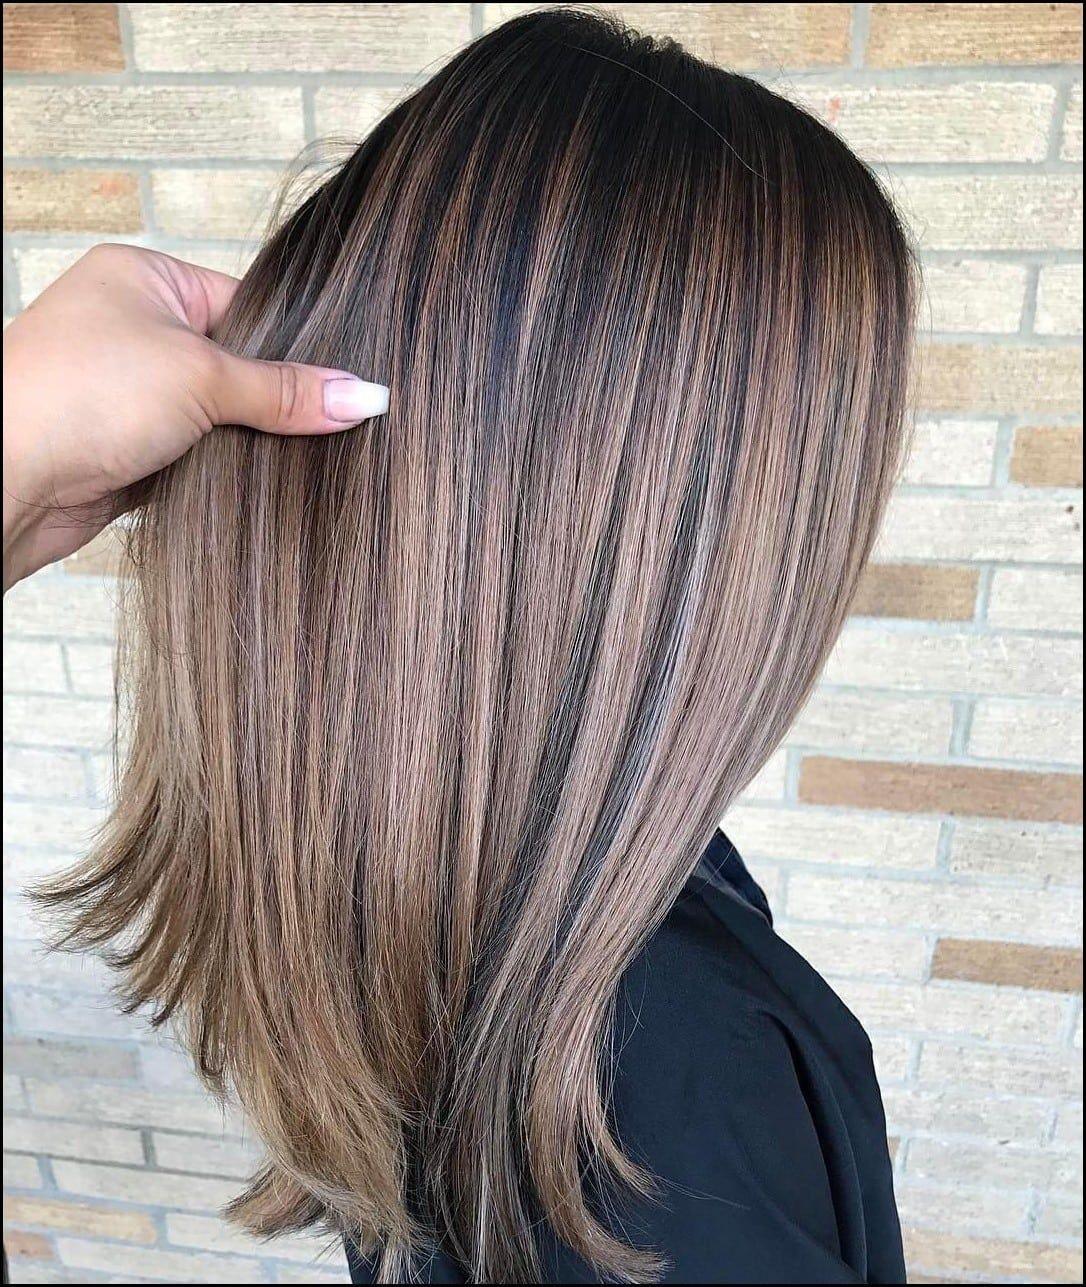 10 Unordentliche Mittlere Frisuren Fur Dickes Haar Meine Frisuren Frisur Dicke Haare Haarfarben Beige Blonde Haare